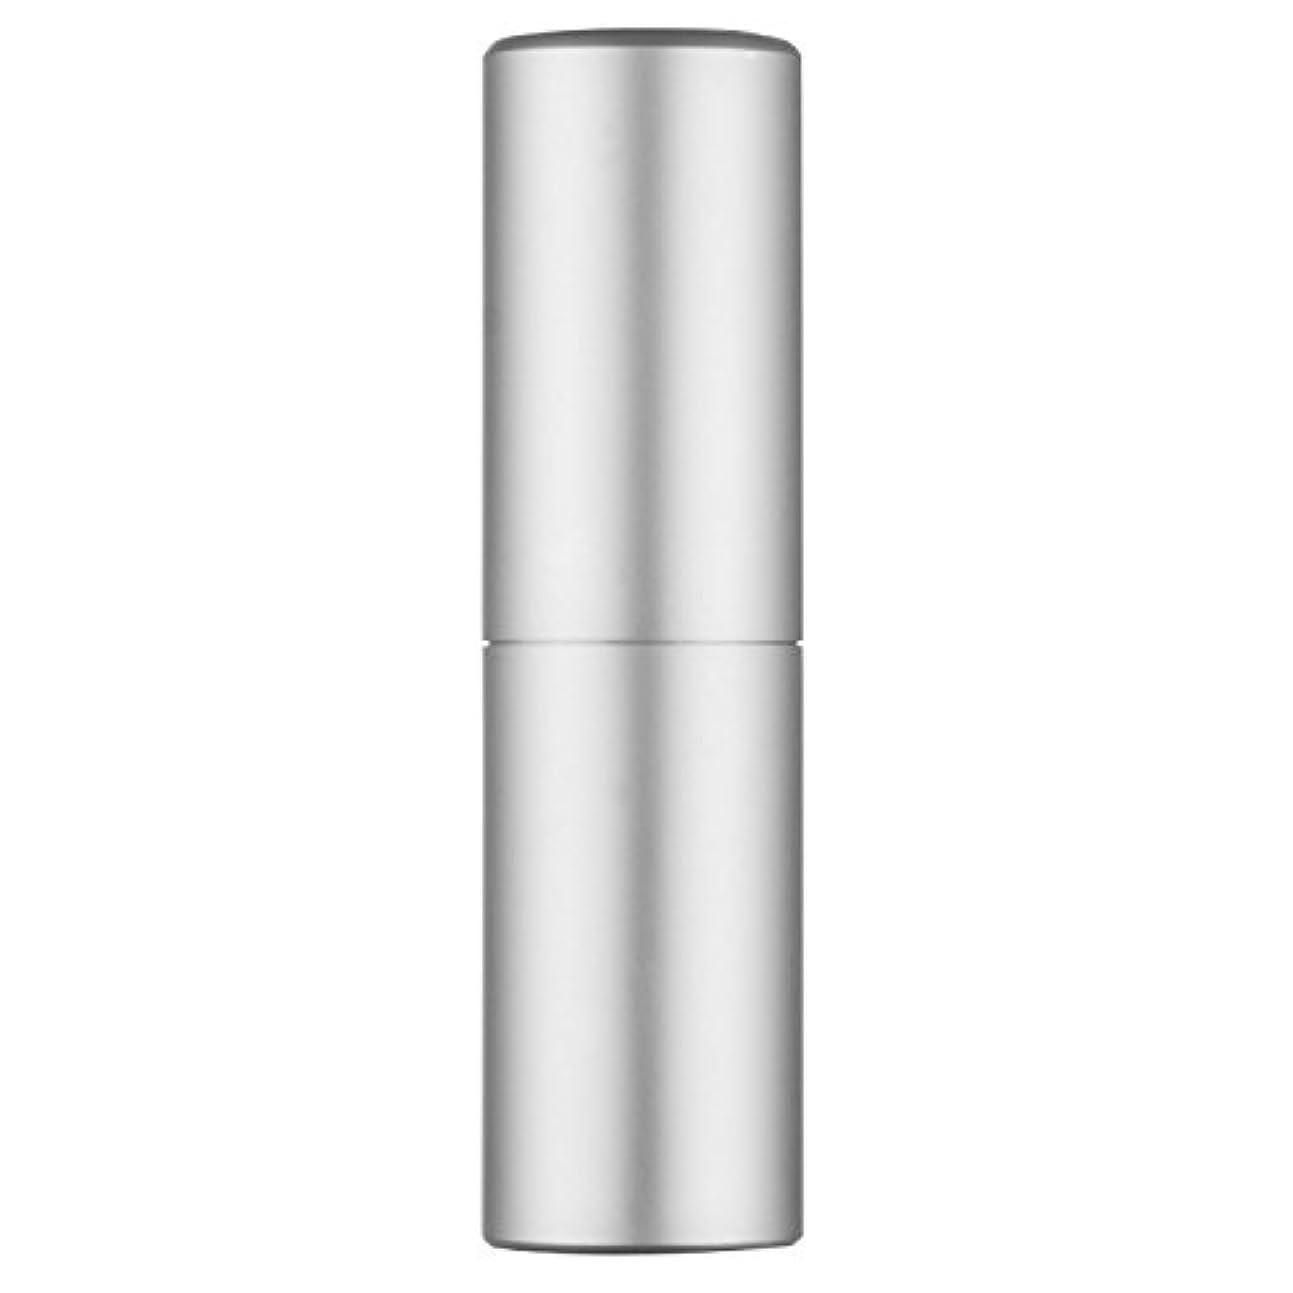 敵意消化スタッフ香水アトマイザー Faireach レディース スプレーボトル 香水噴霧器 旅行携帯便利 詰め替え容器 20ml (シルバー)